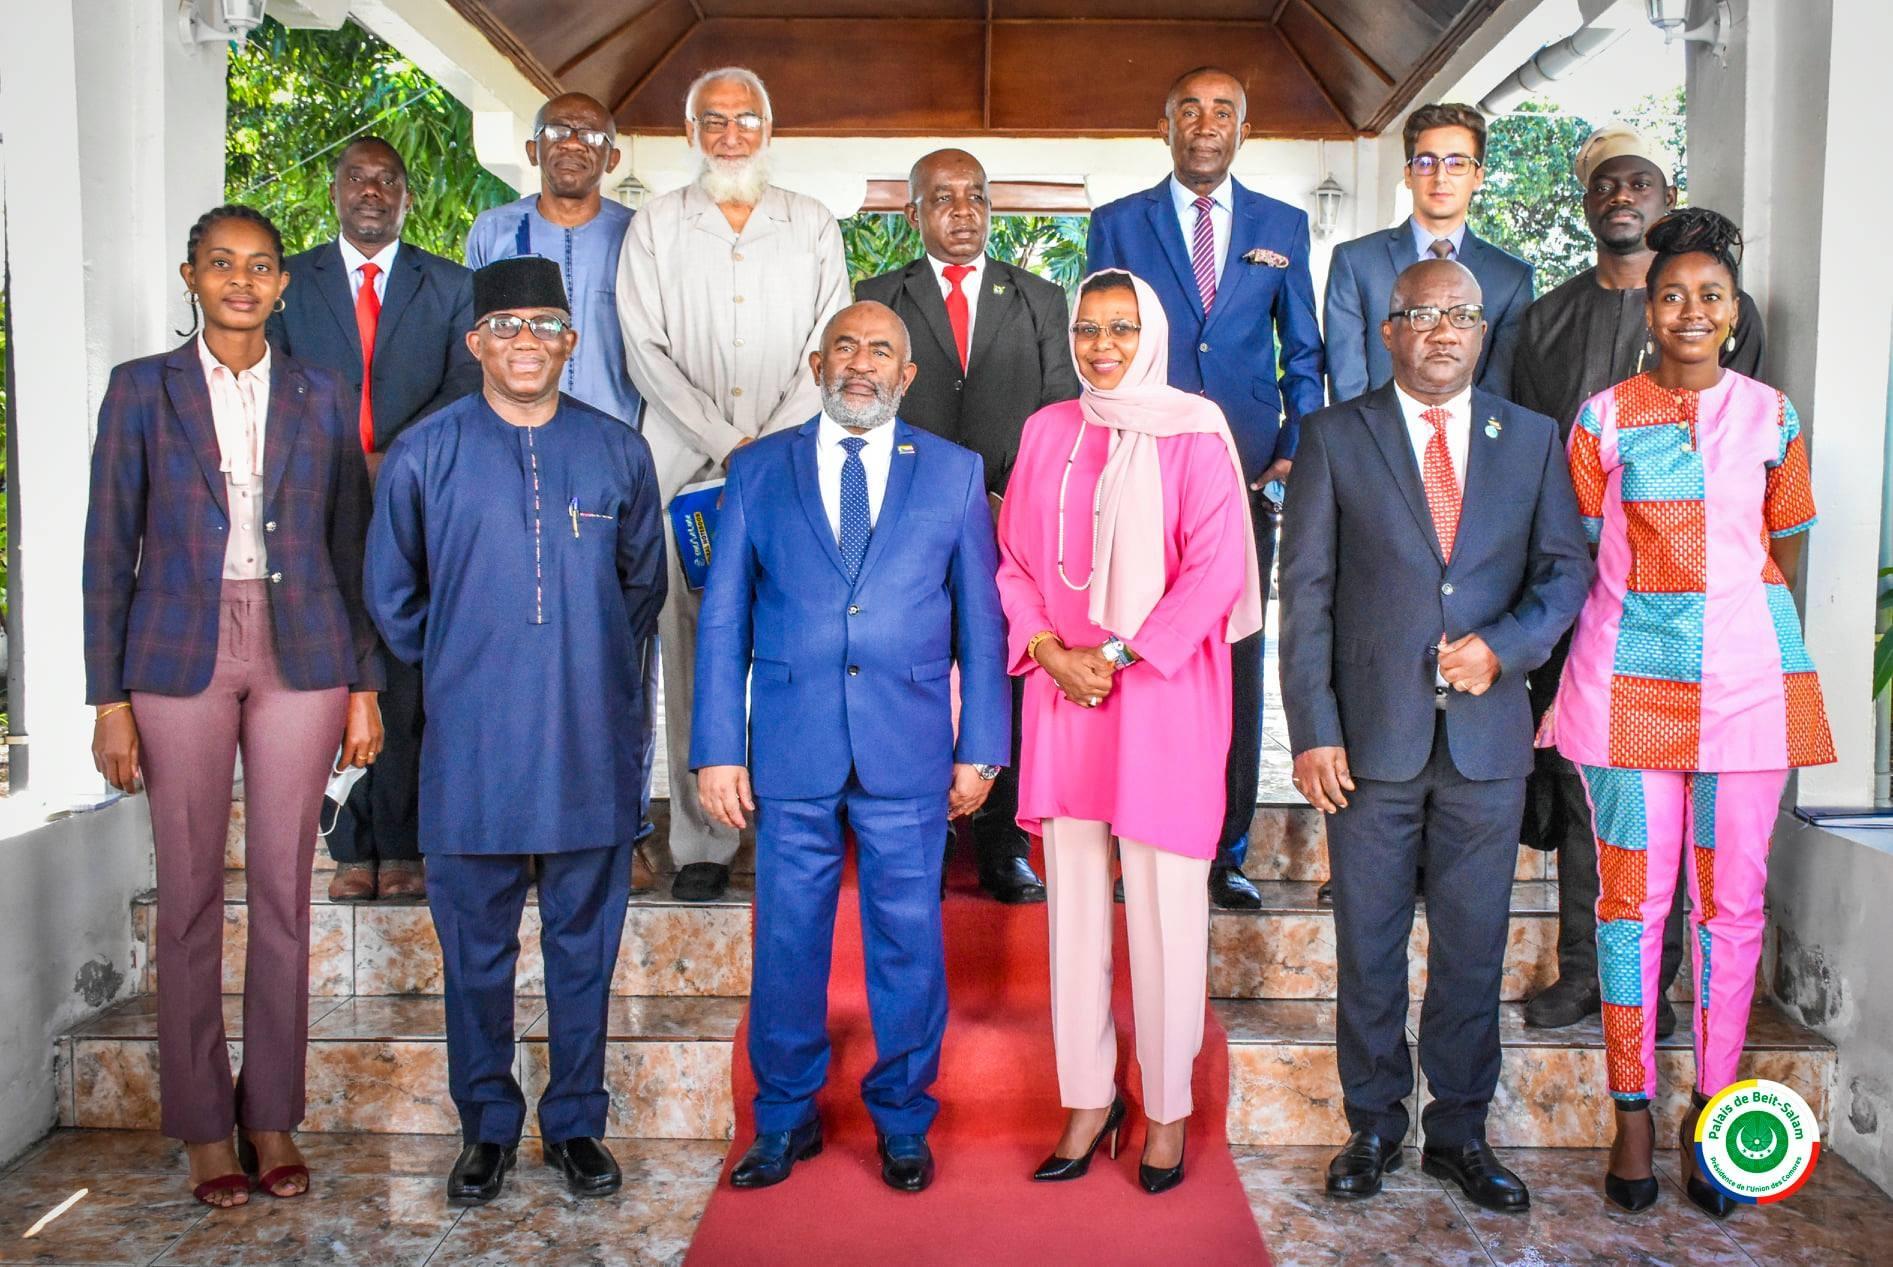 Achetée, l'Union africaine se montre complice d'Azali